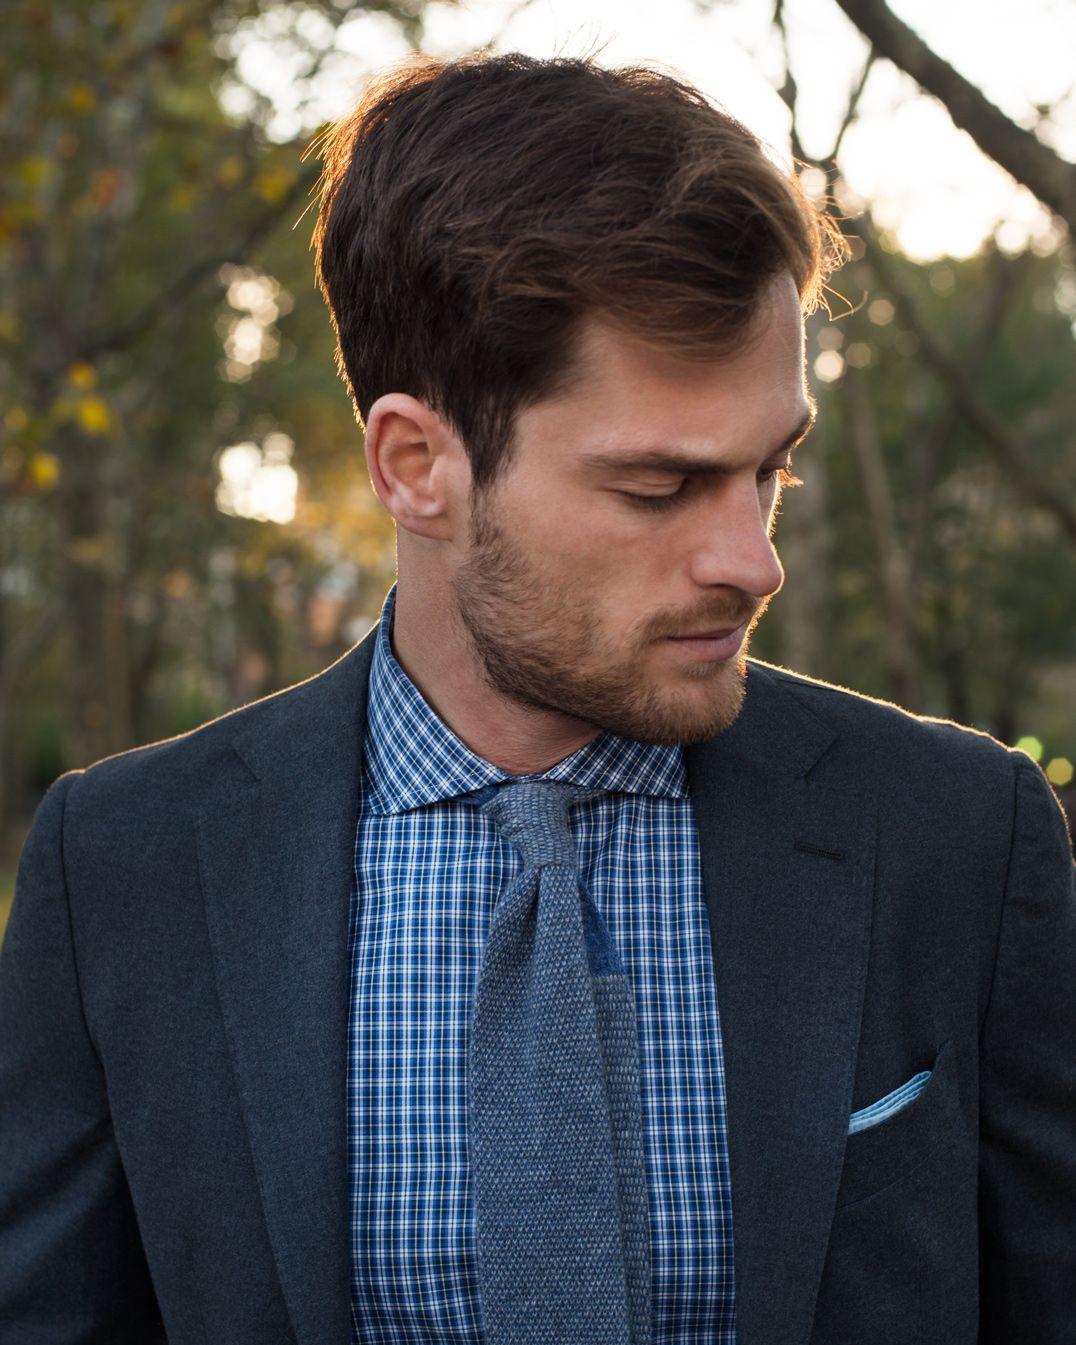 Flannel Suit Plaid Dress Shirt Cashmere Knit Tie My Style